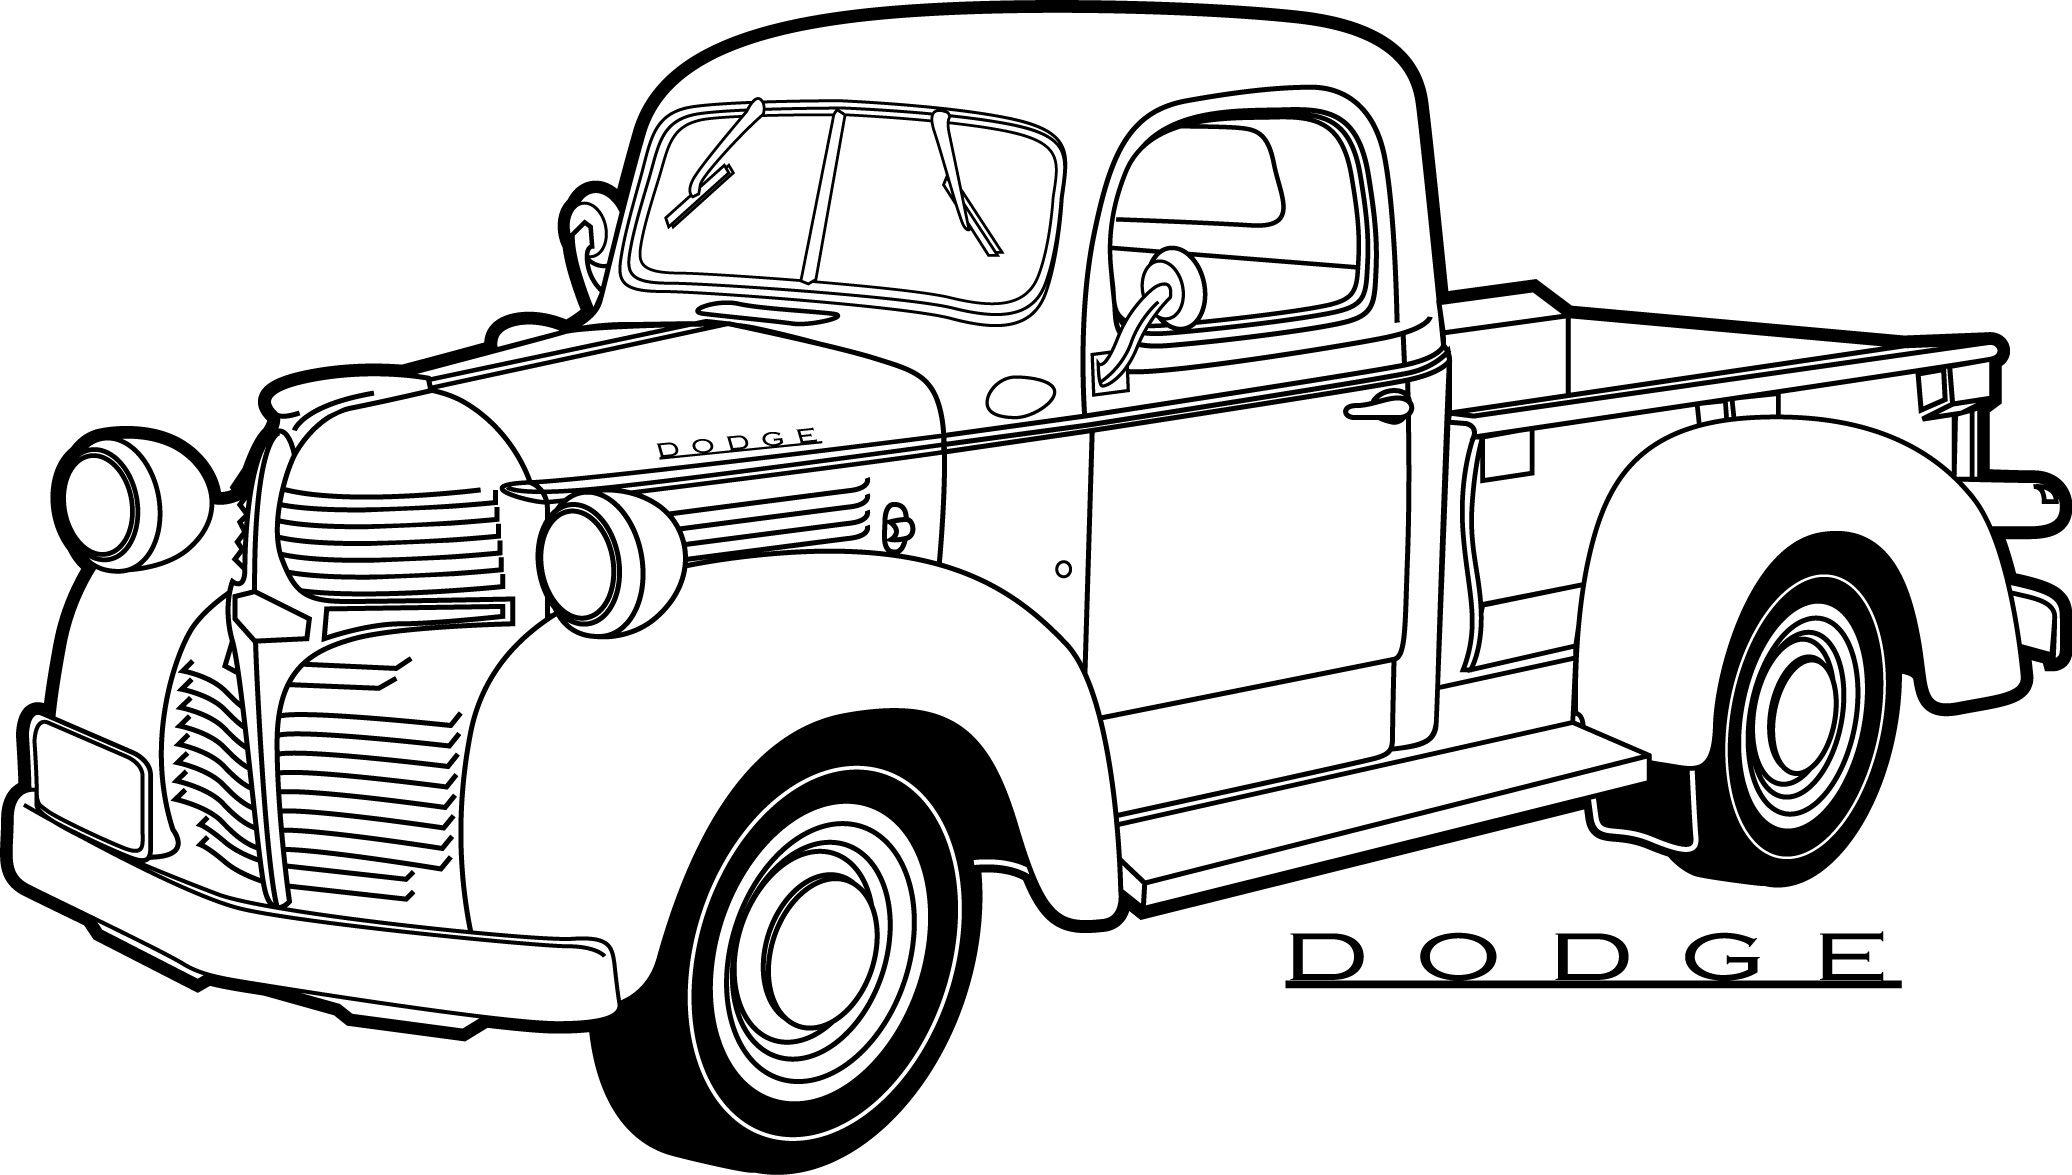 1955 dodge truck outline